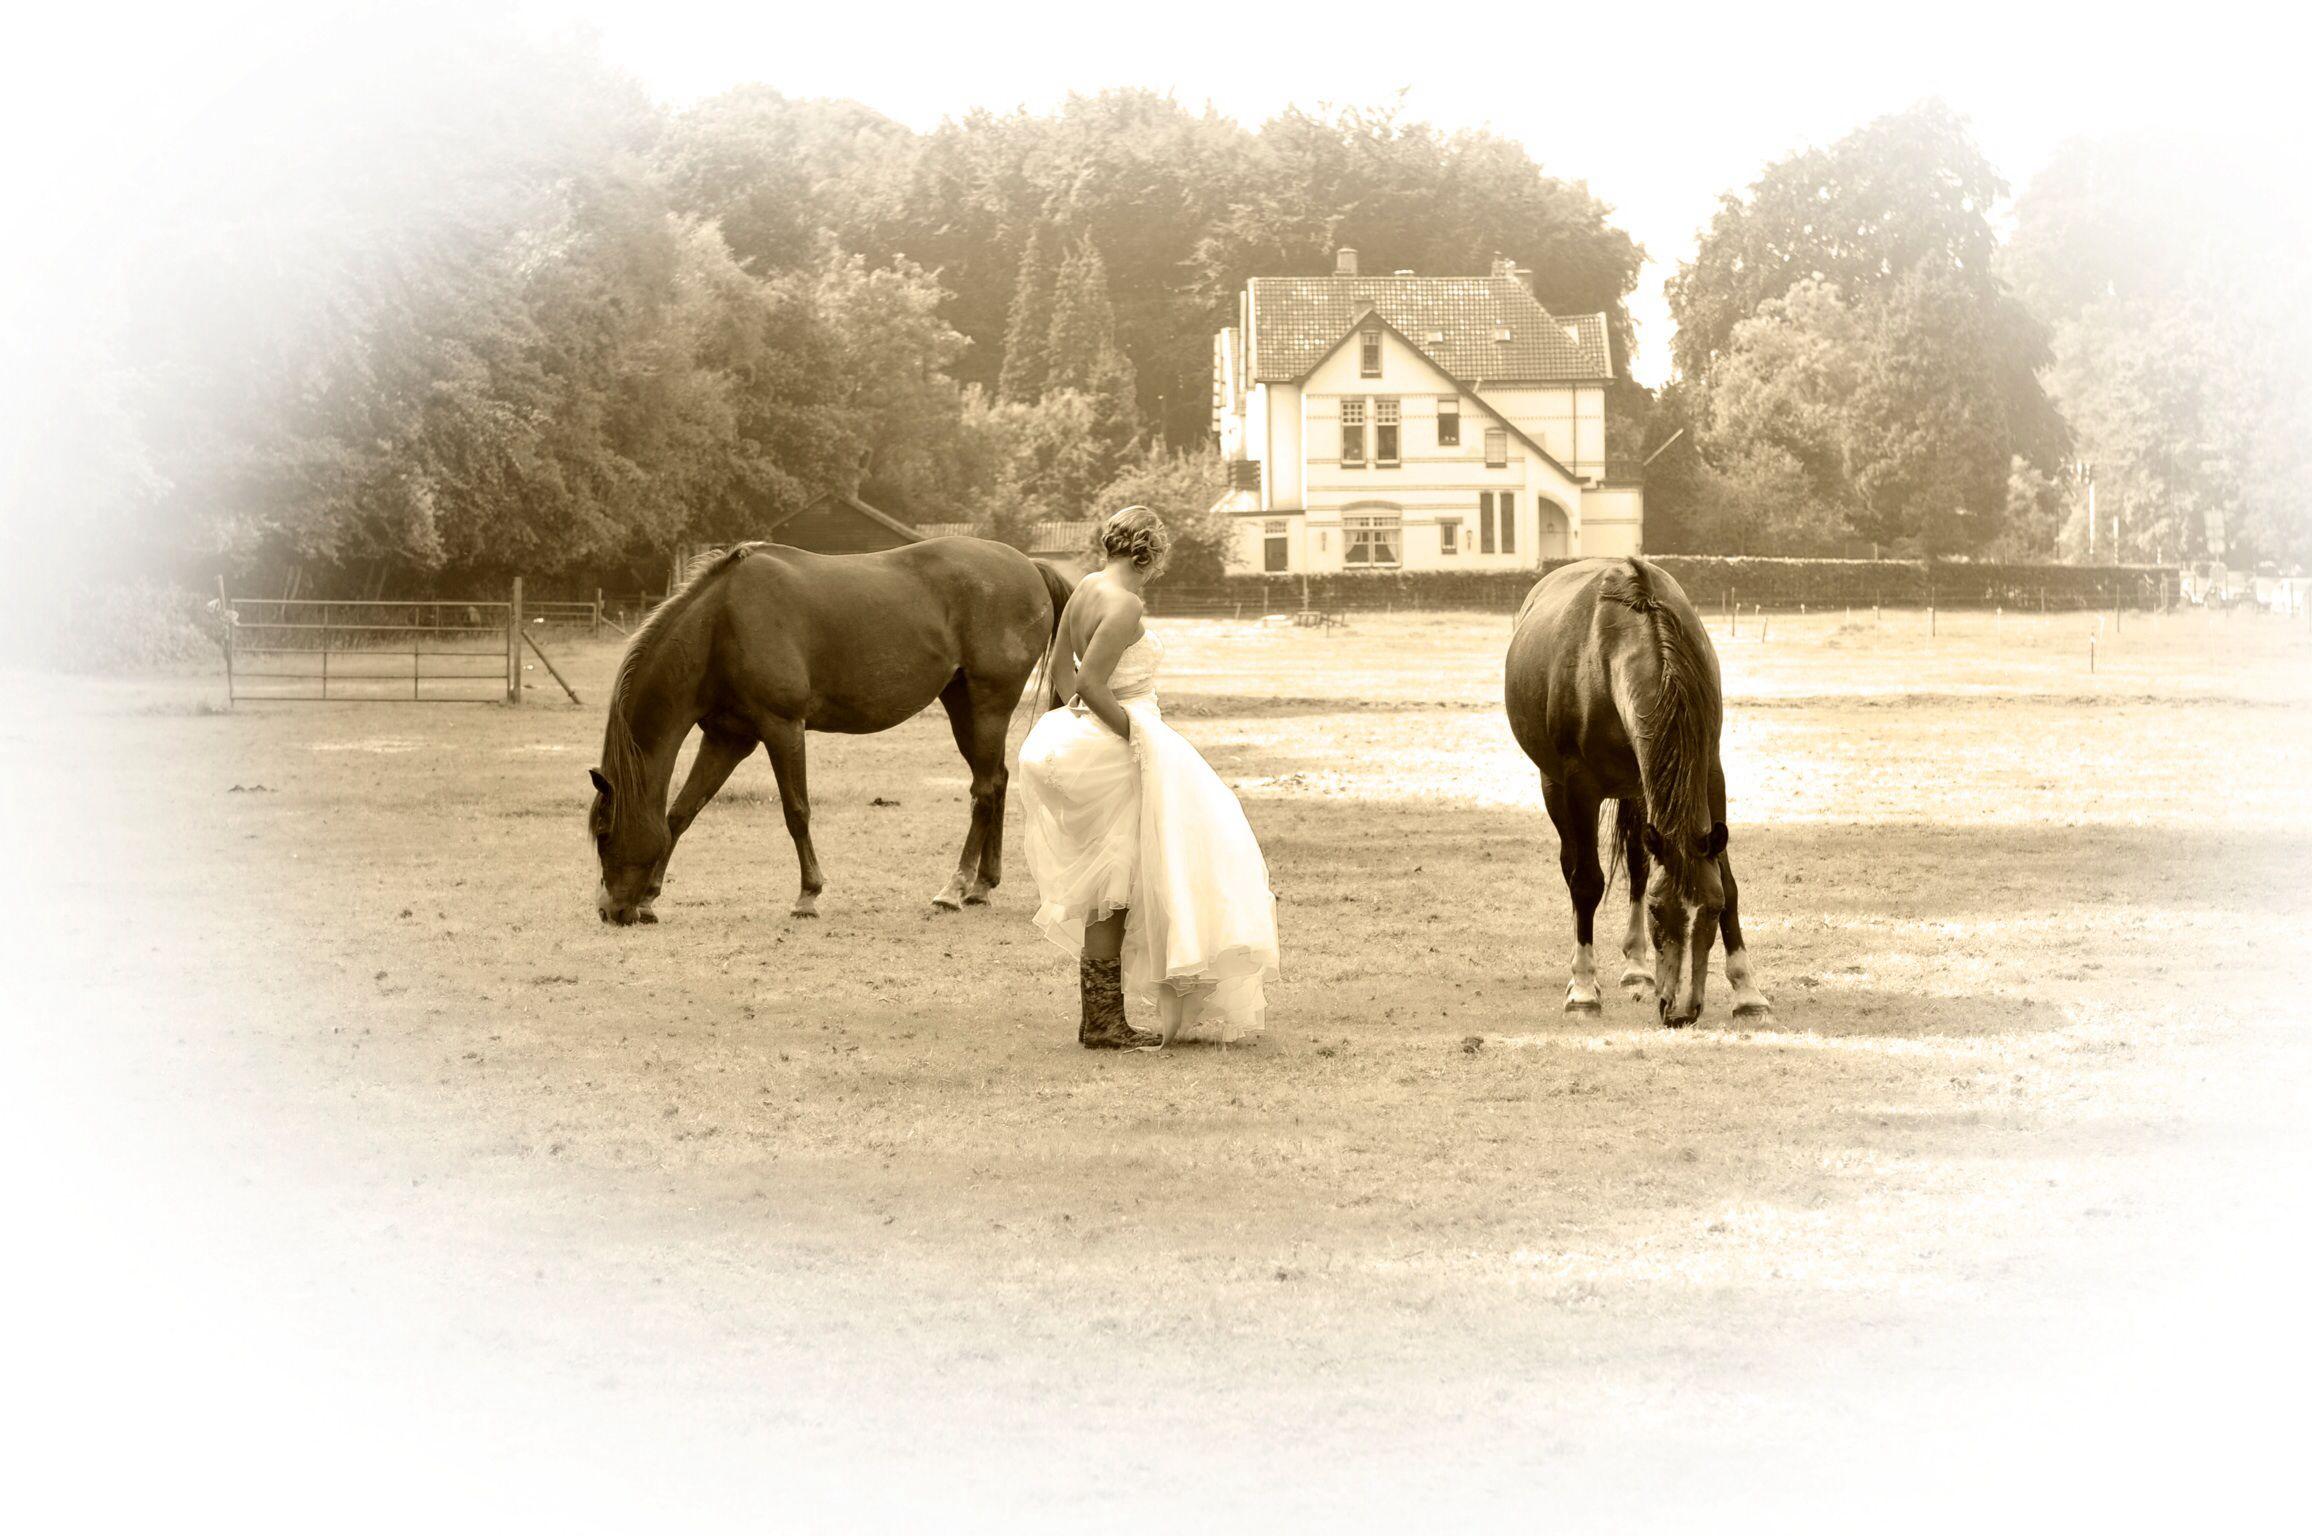 Wedding photoshoot with horses.